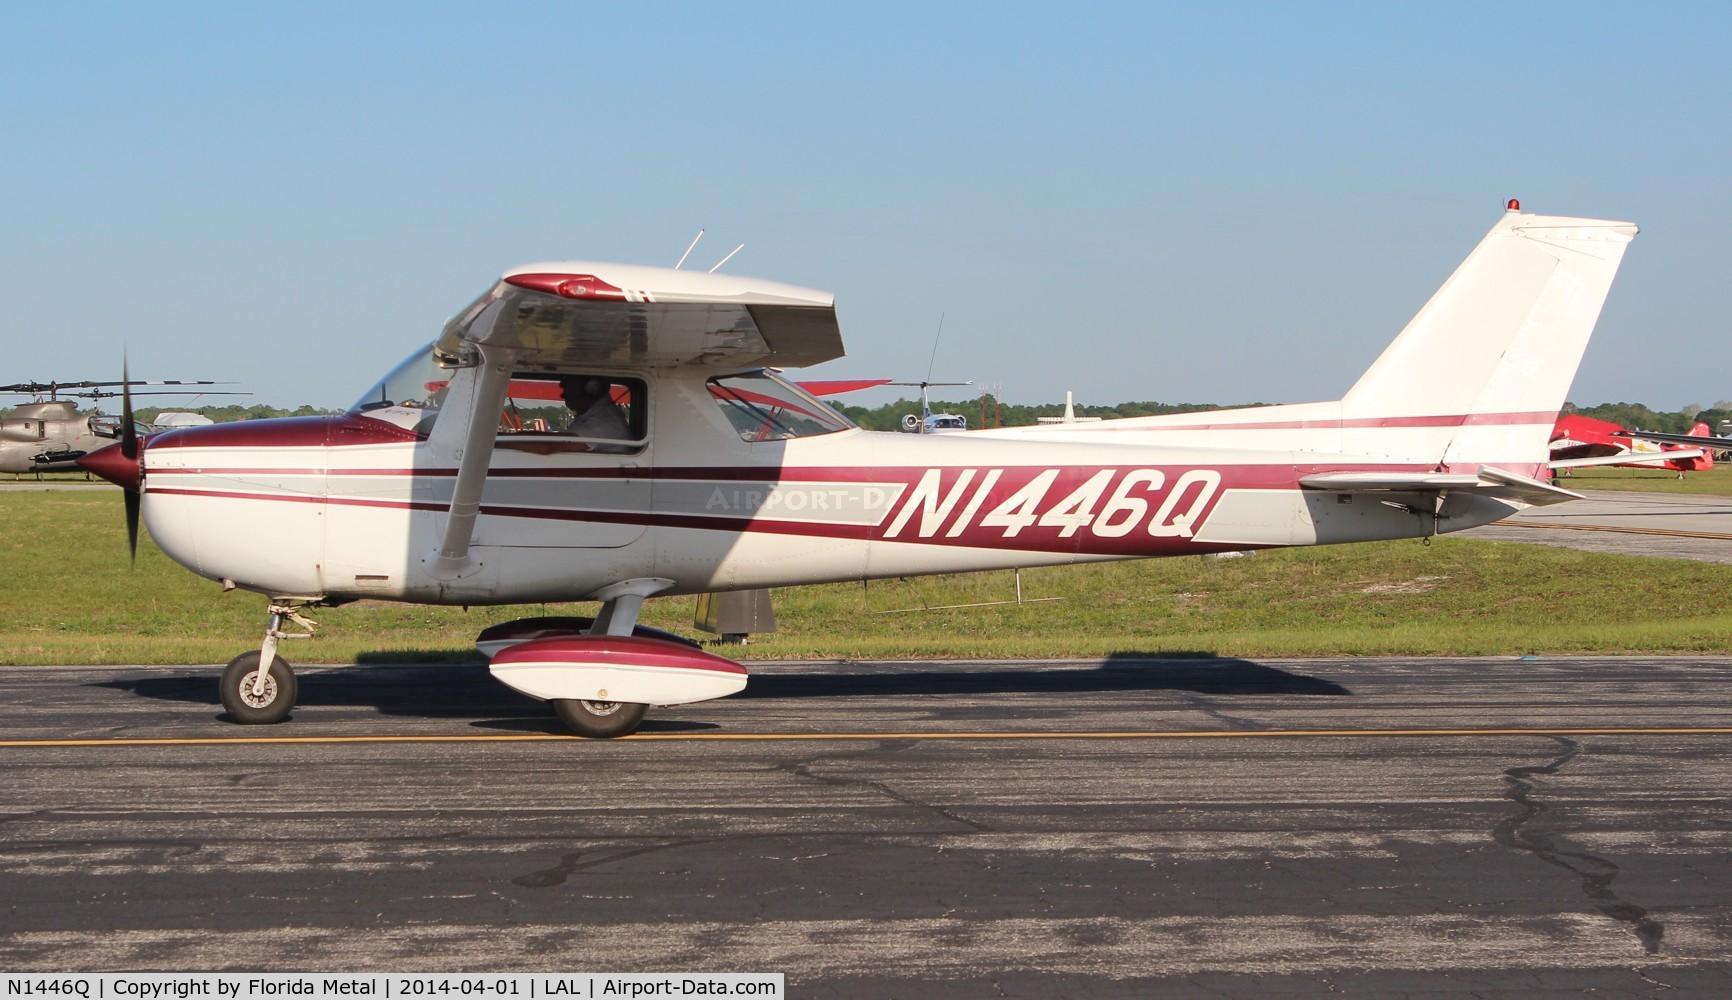 N1446Q, 1971 Cessna 150L C/N 15072746, Cessna 150L